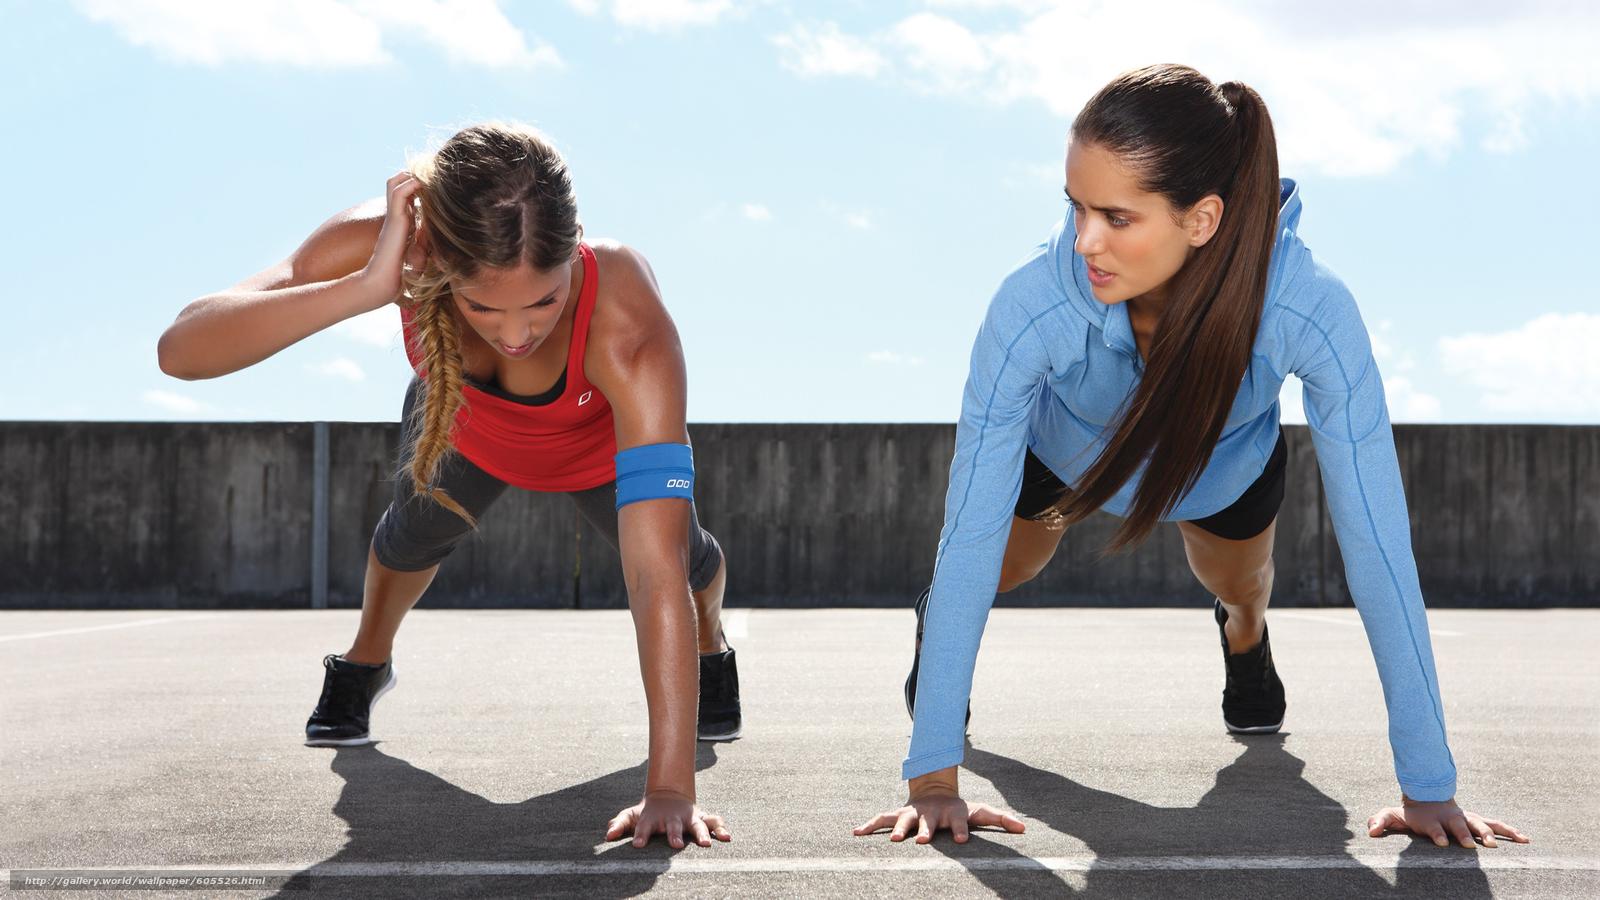 лучшие виды спорта для девушек сочетание цветов